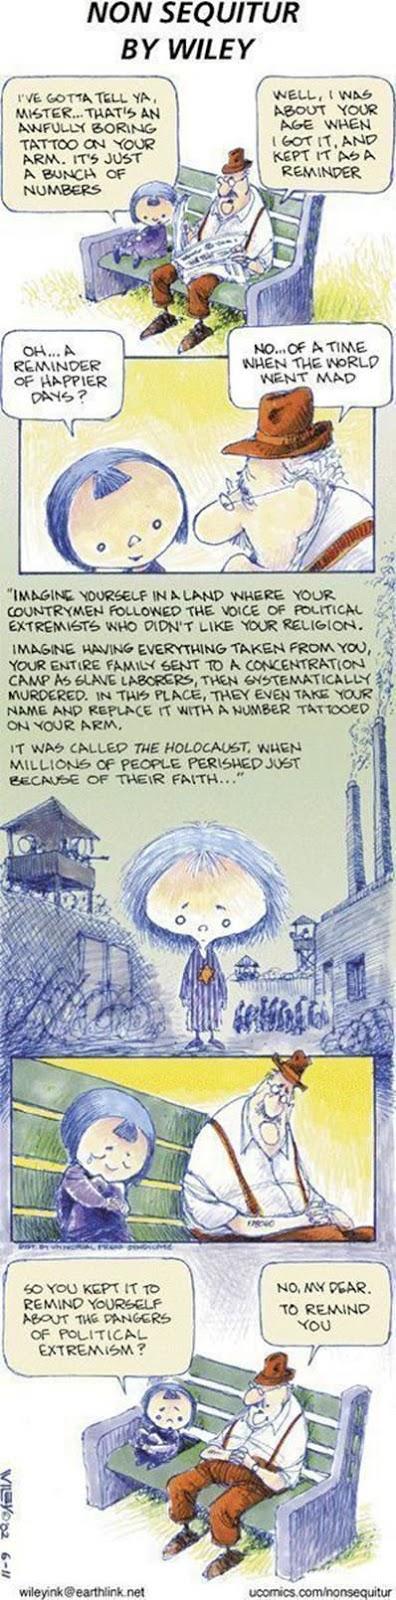 viñeta sobre judios y el holocausto nazi